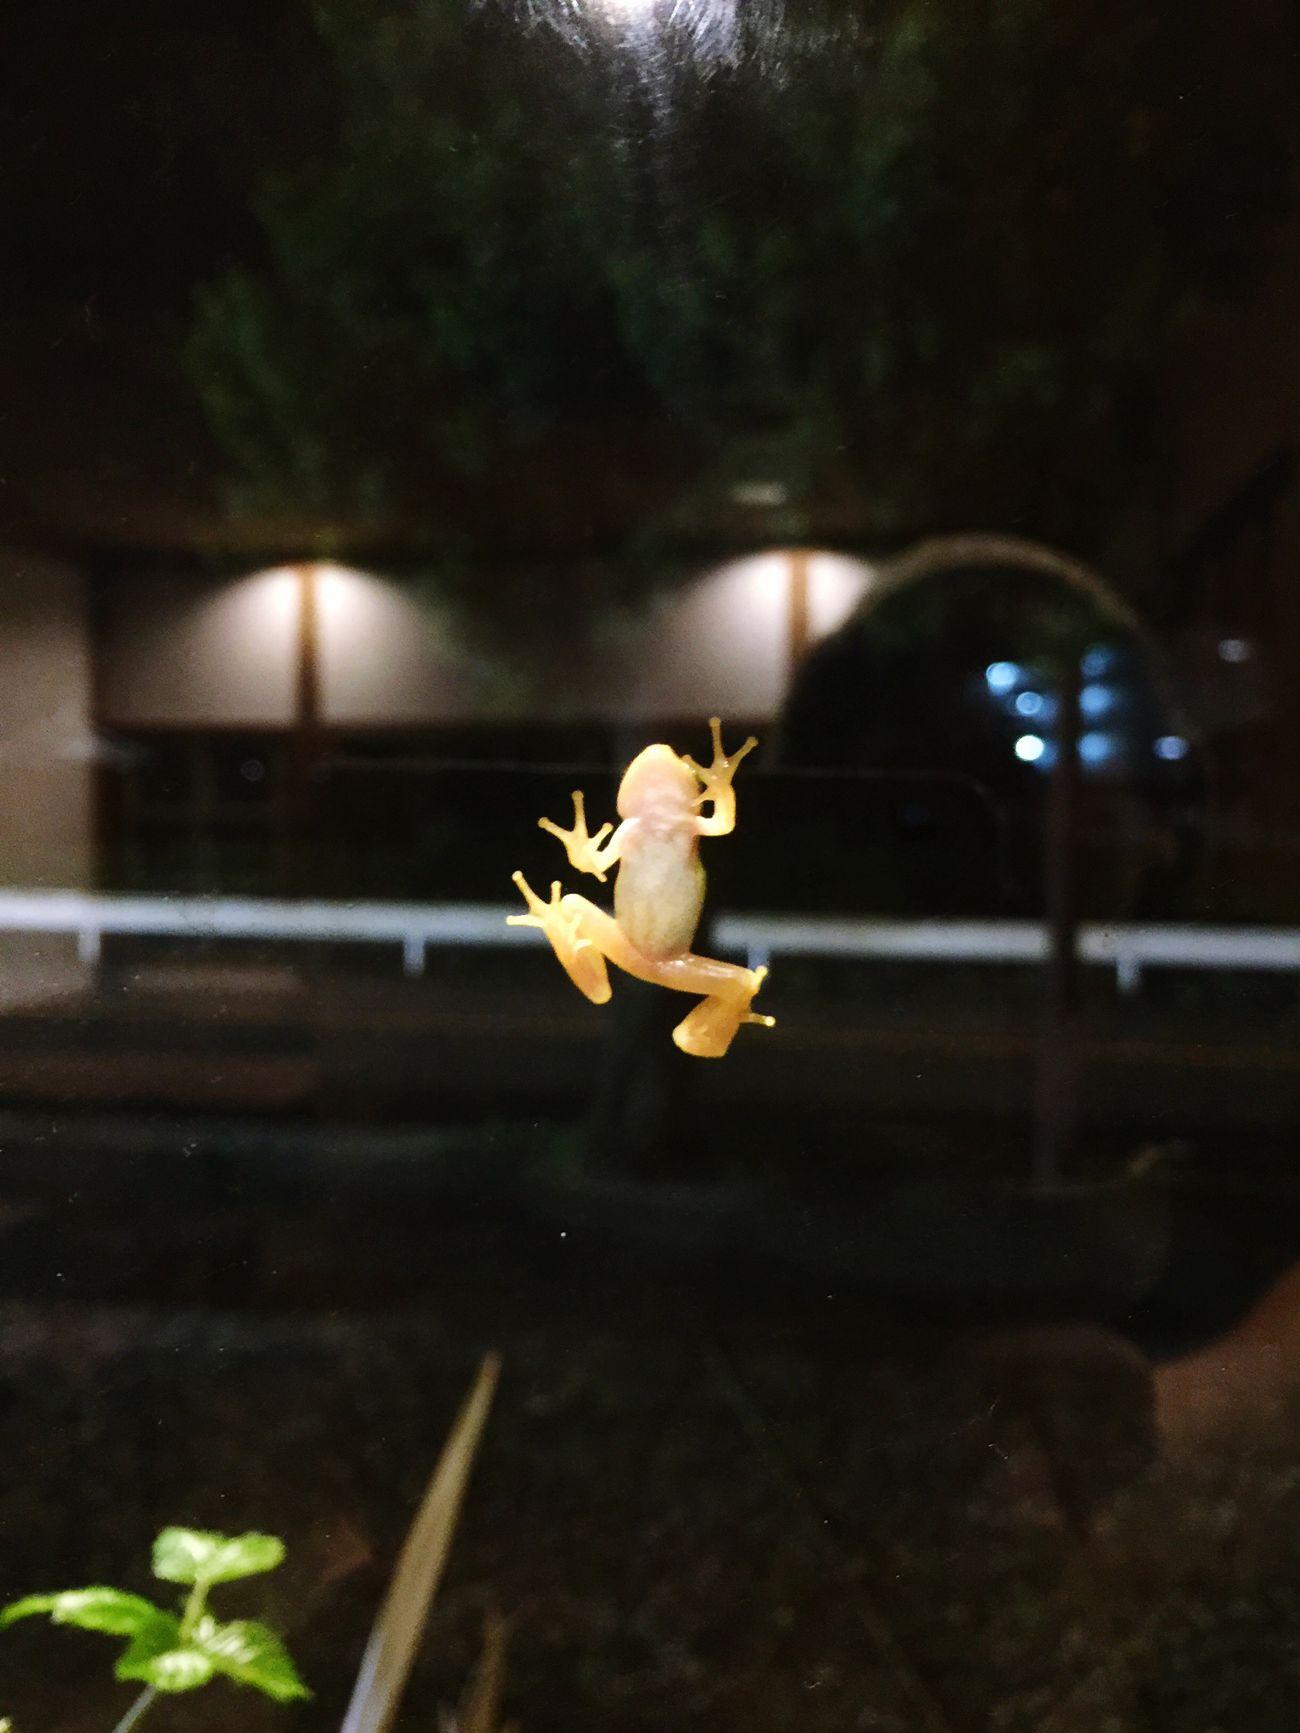 雨上がり 雨蛙 窓ガラス かわいい